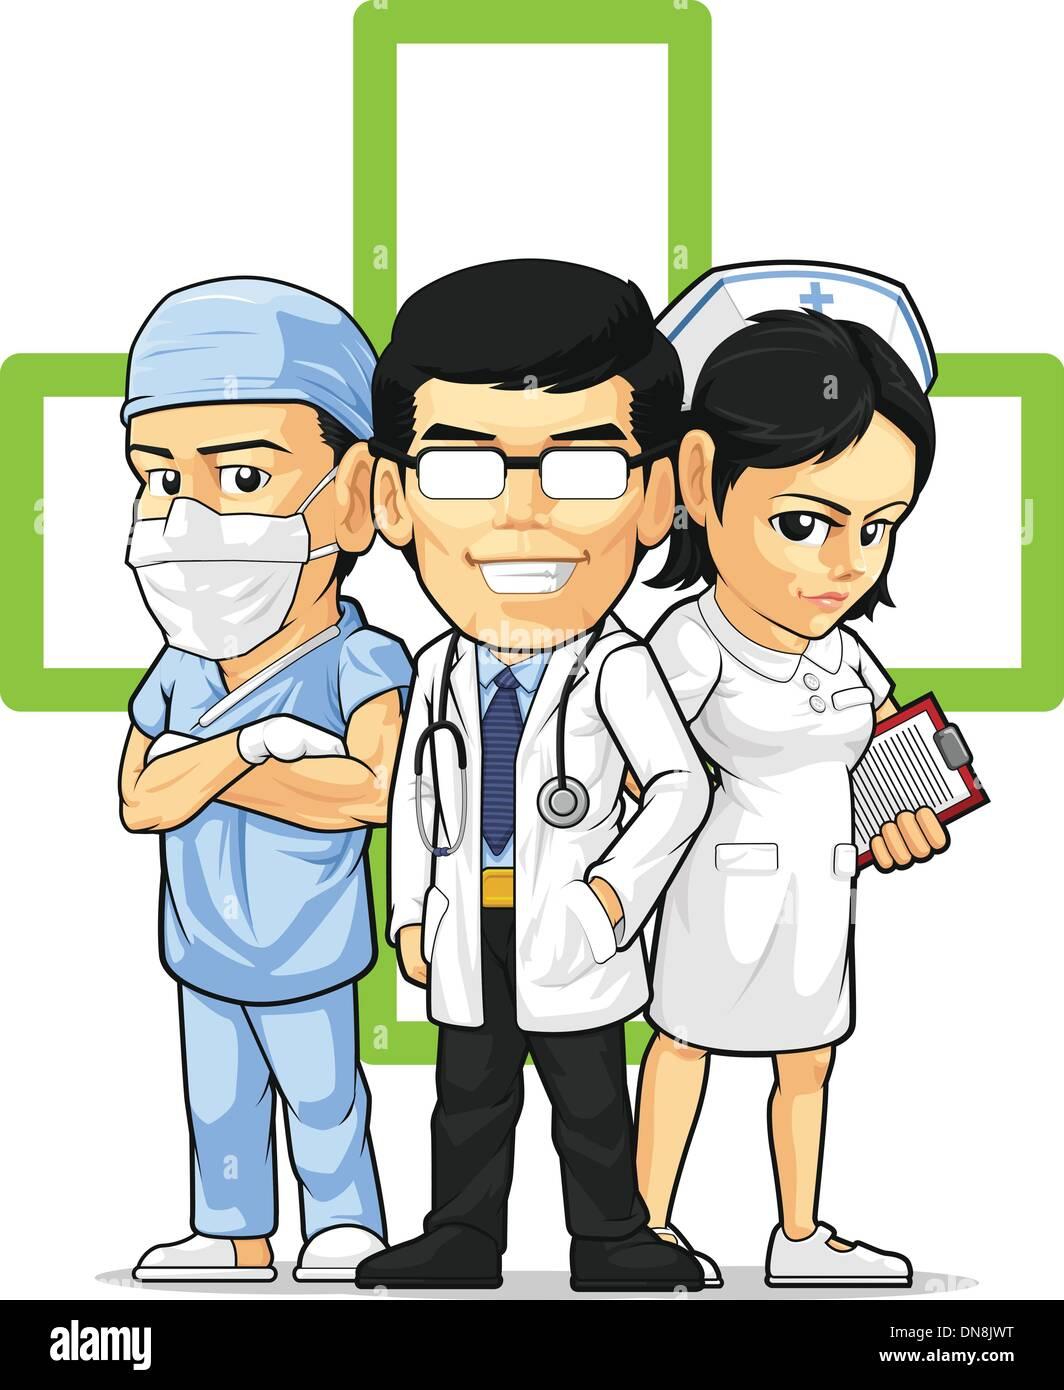 Cuidado de la salud o personal médico - Doctor, la enfermera y el cirujano Imagen De Stock